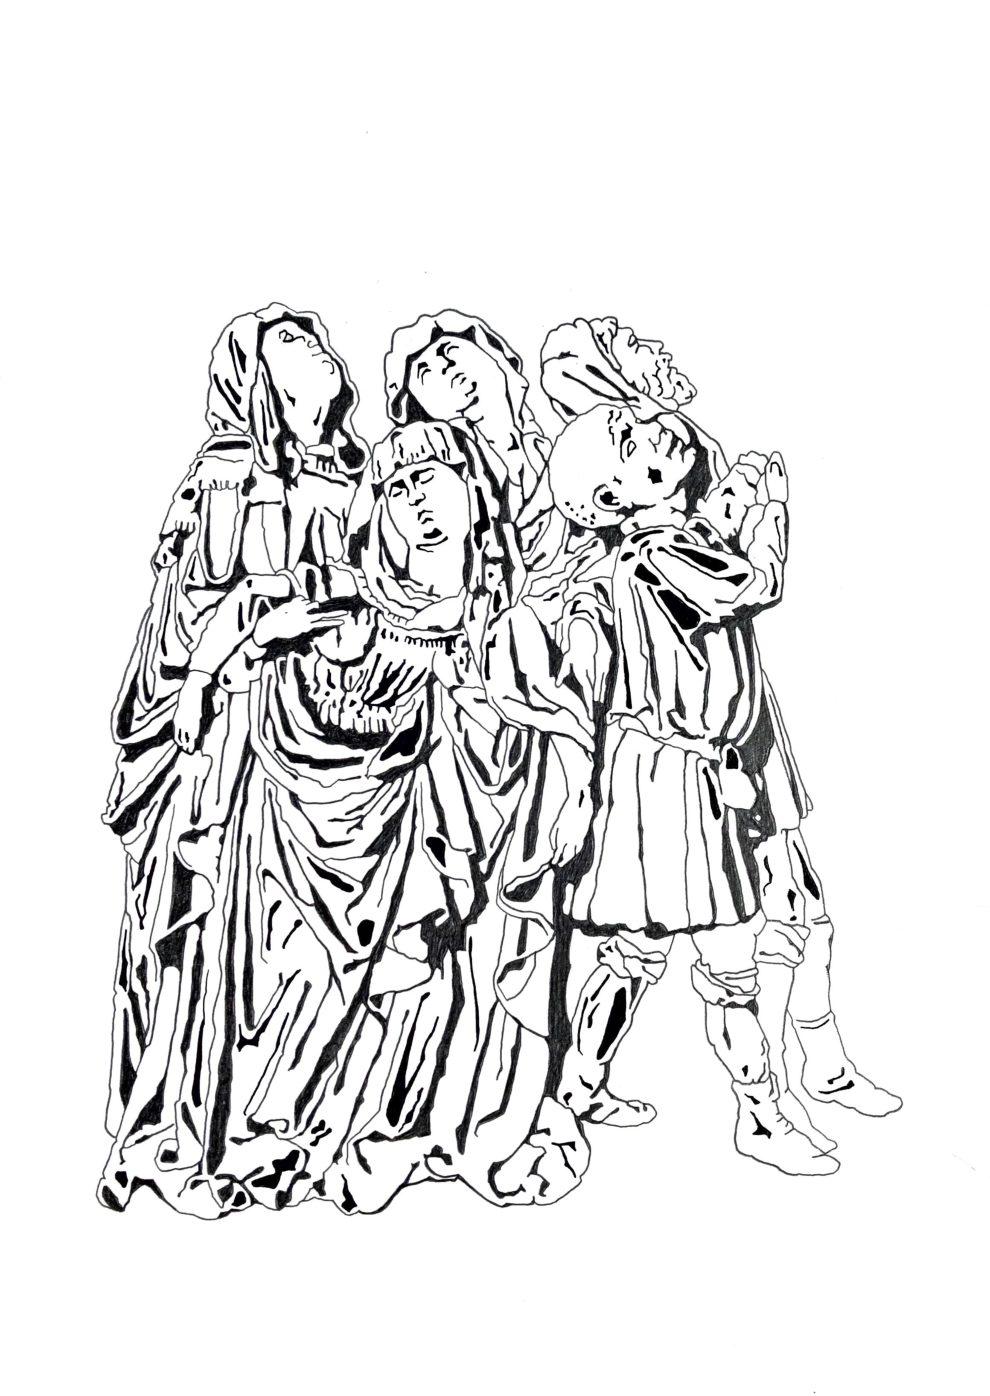 """Matthias Huber, """"keep distance: Menschengruppe I"""", 21x29,7cm, Graphit auf Papier, 2020"""